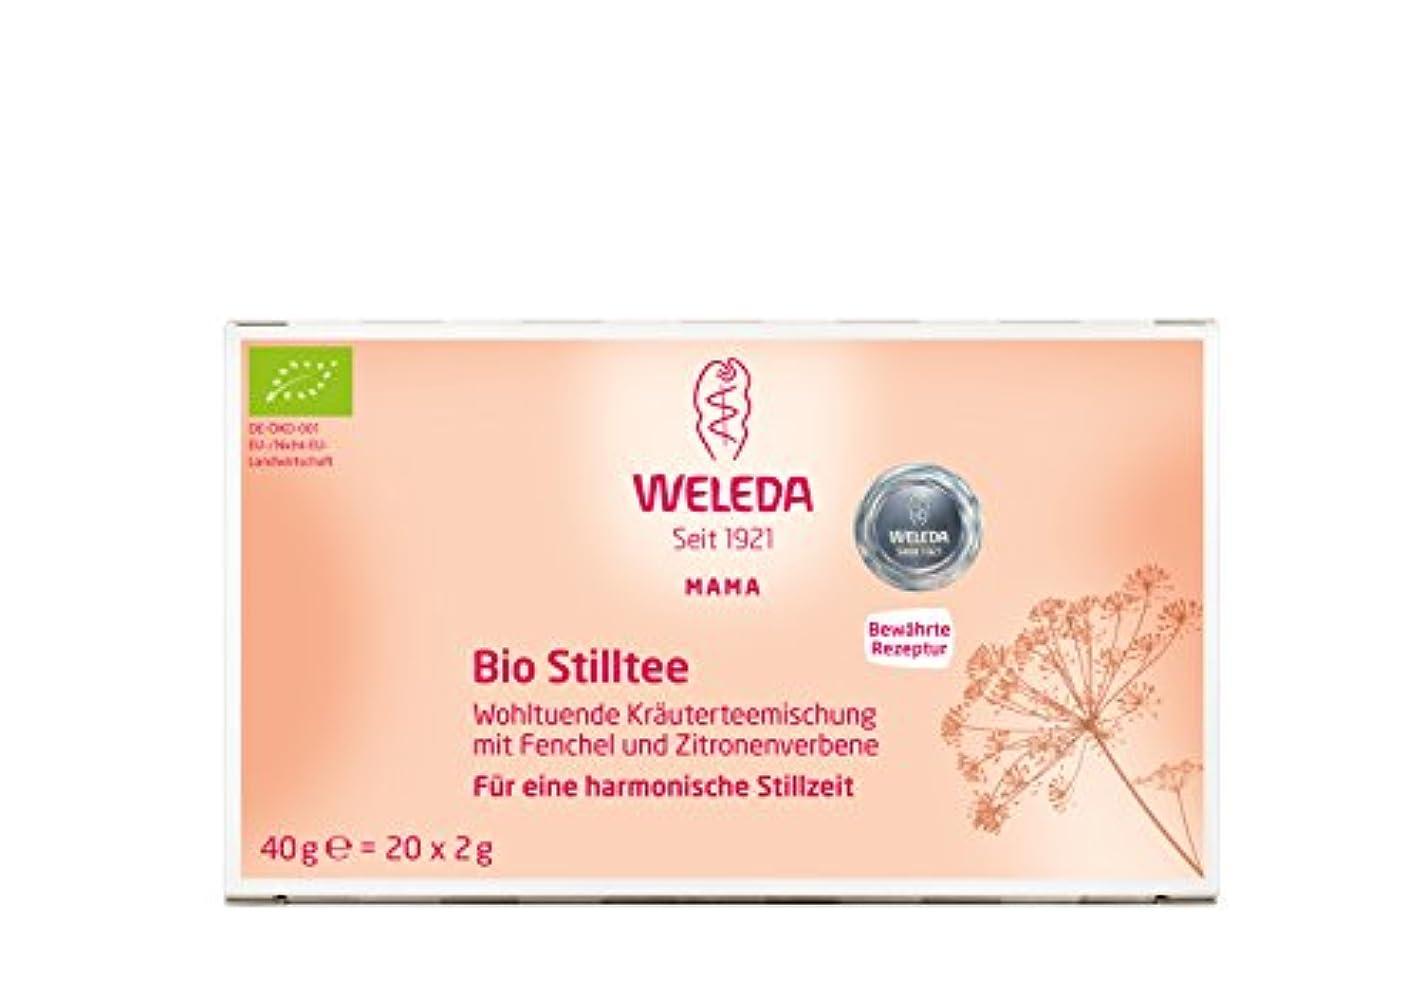 スーパーマーケット月曜日関連付けるWELEDA(ヴェレダ) マザーズティー 40g (2g×20包) 【ハーブティー?授乳期のママに?水分補給やリラックスしたいときに】